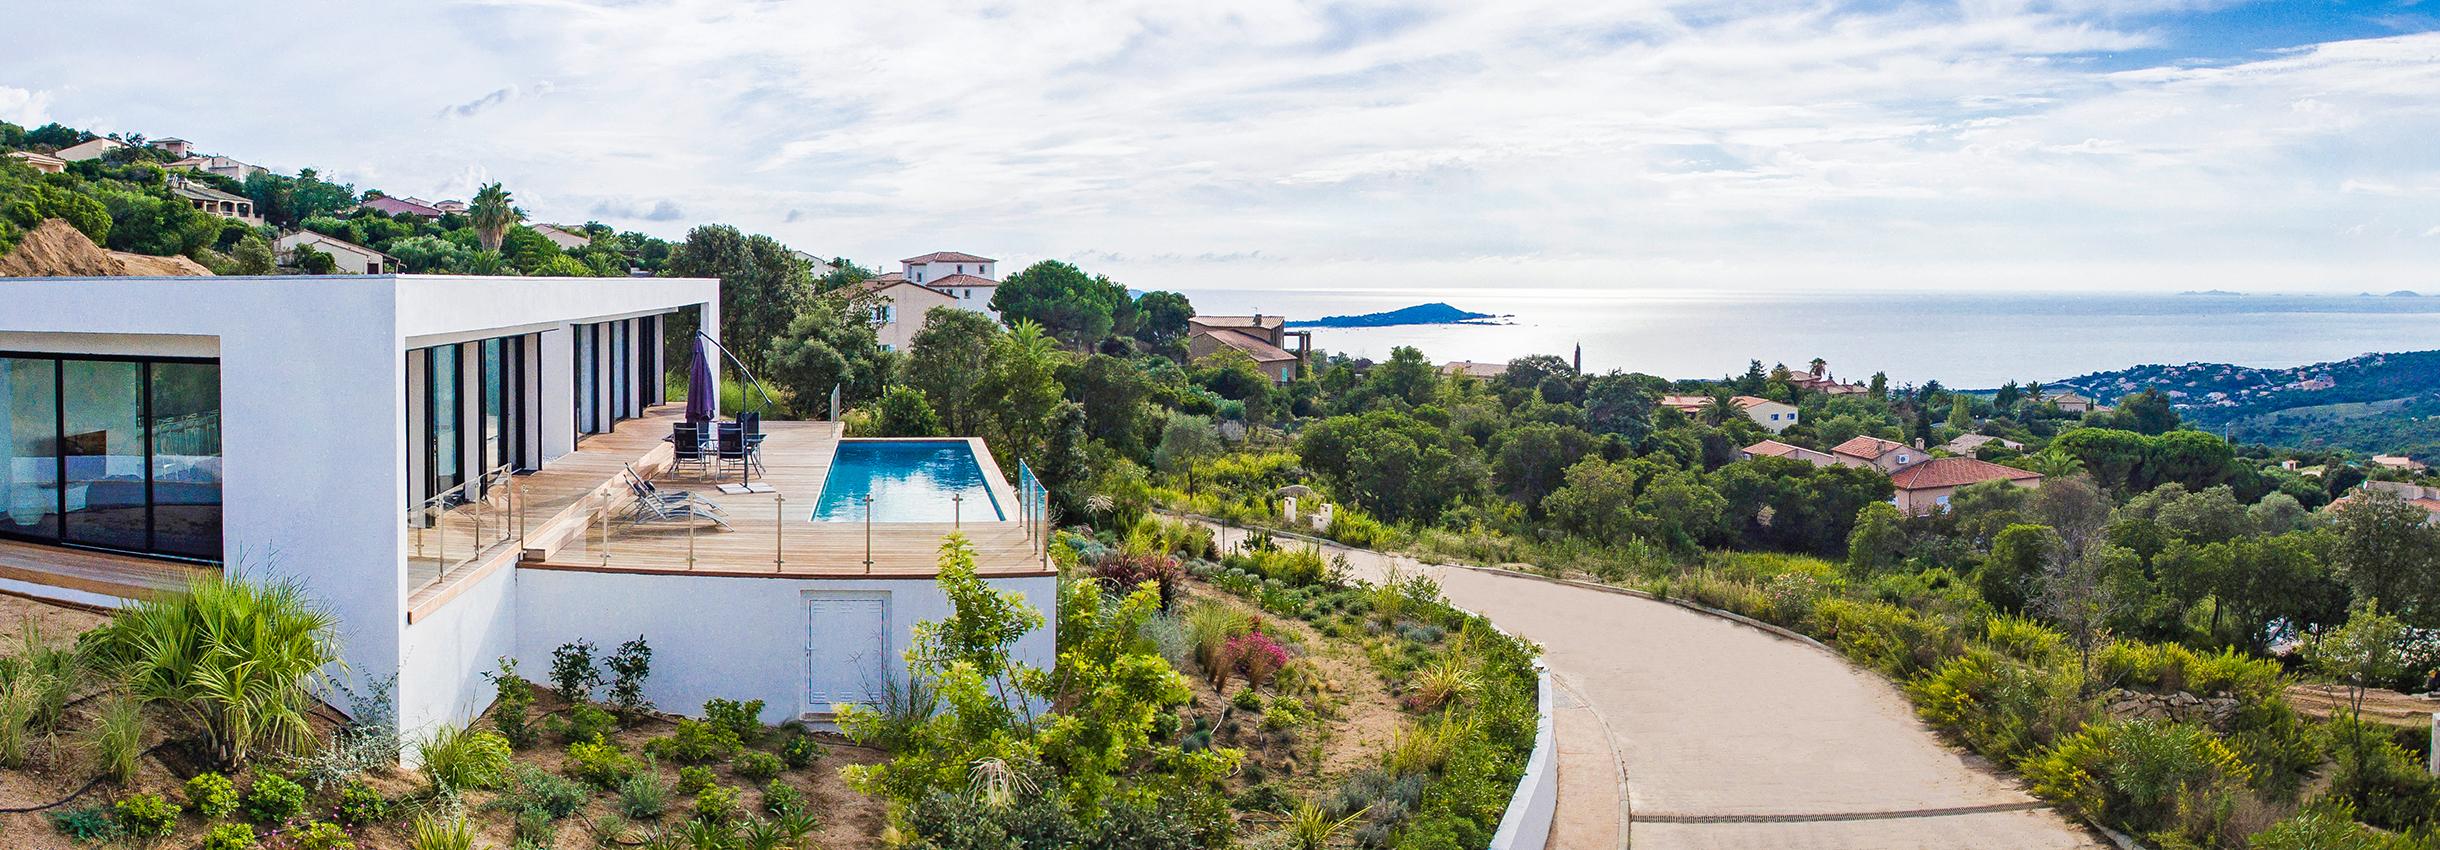 Maison prestige corse location vacances maison bonifacio - Location villa avec piscine corse ...